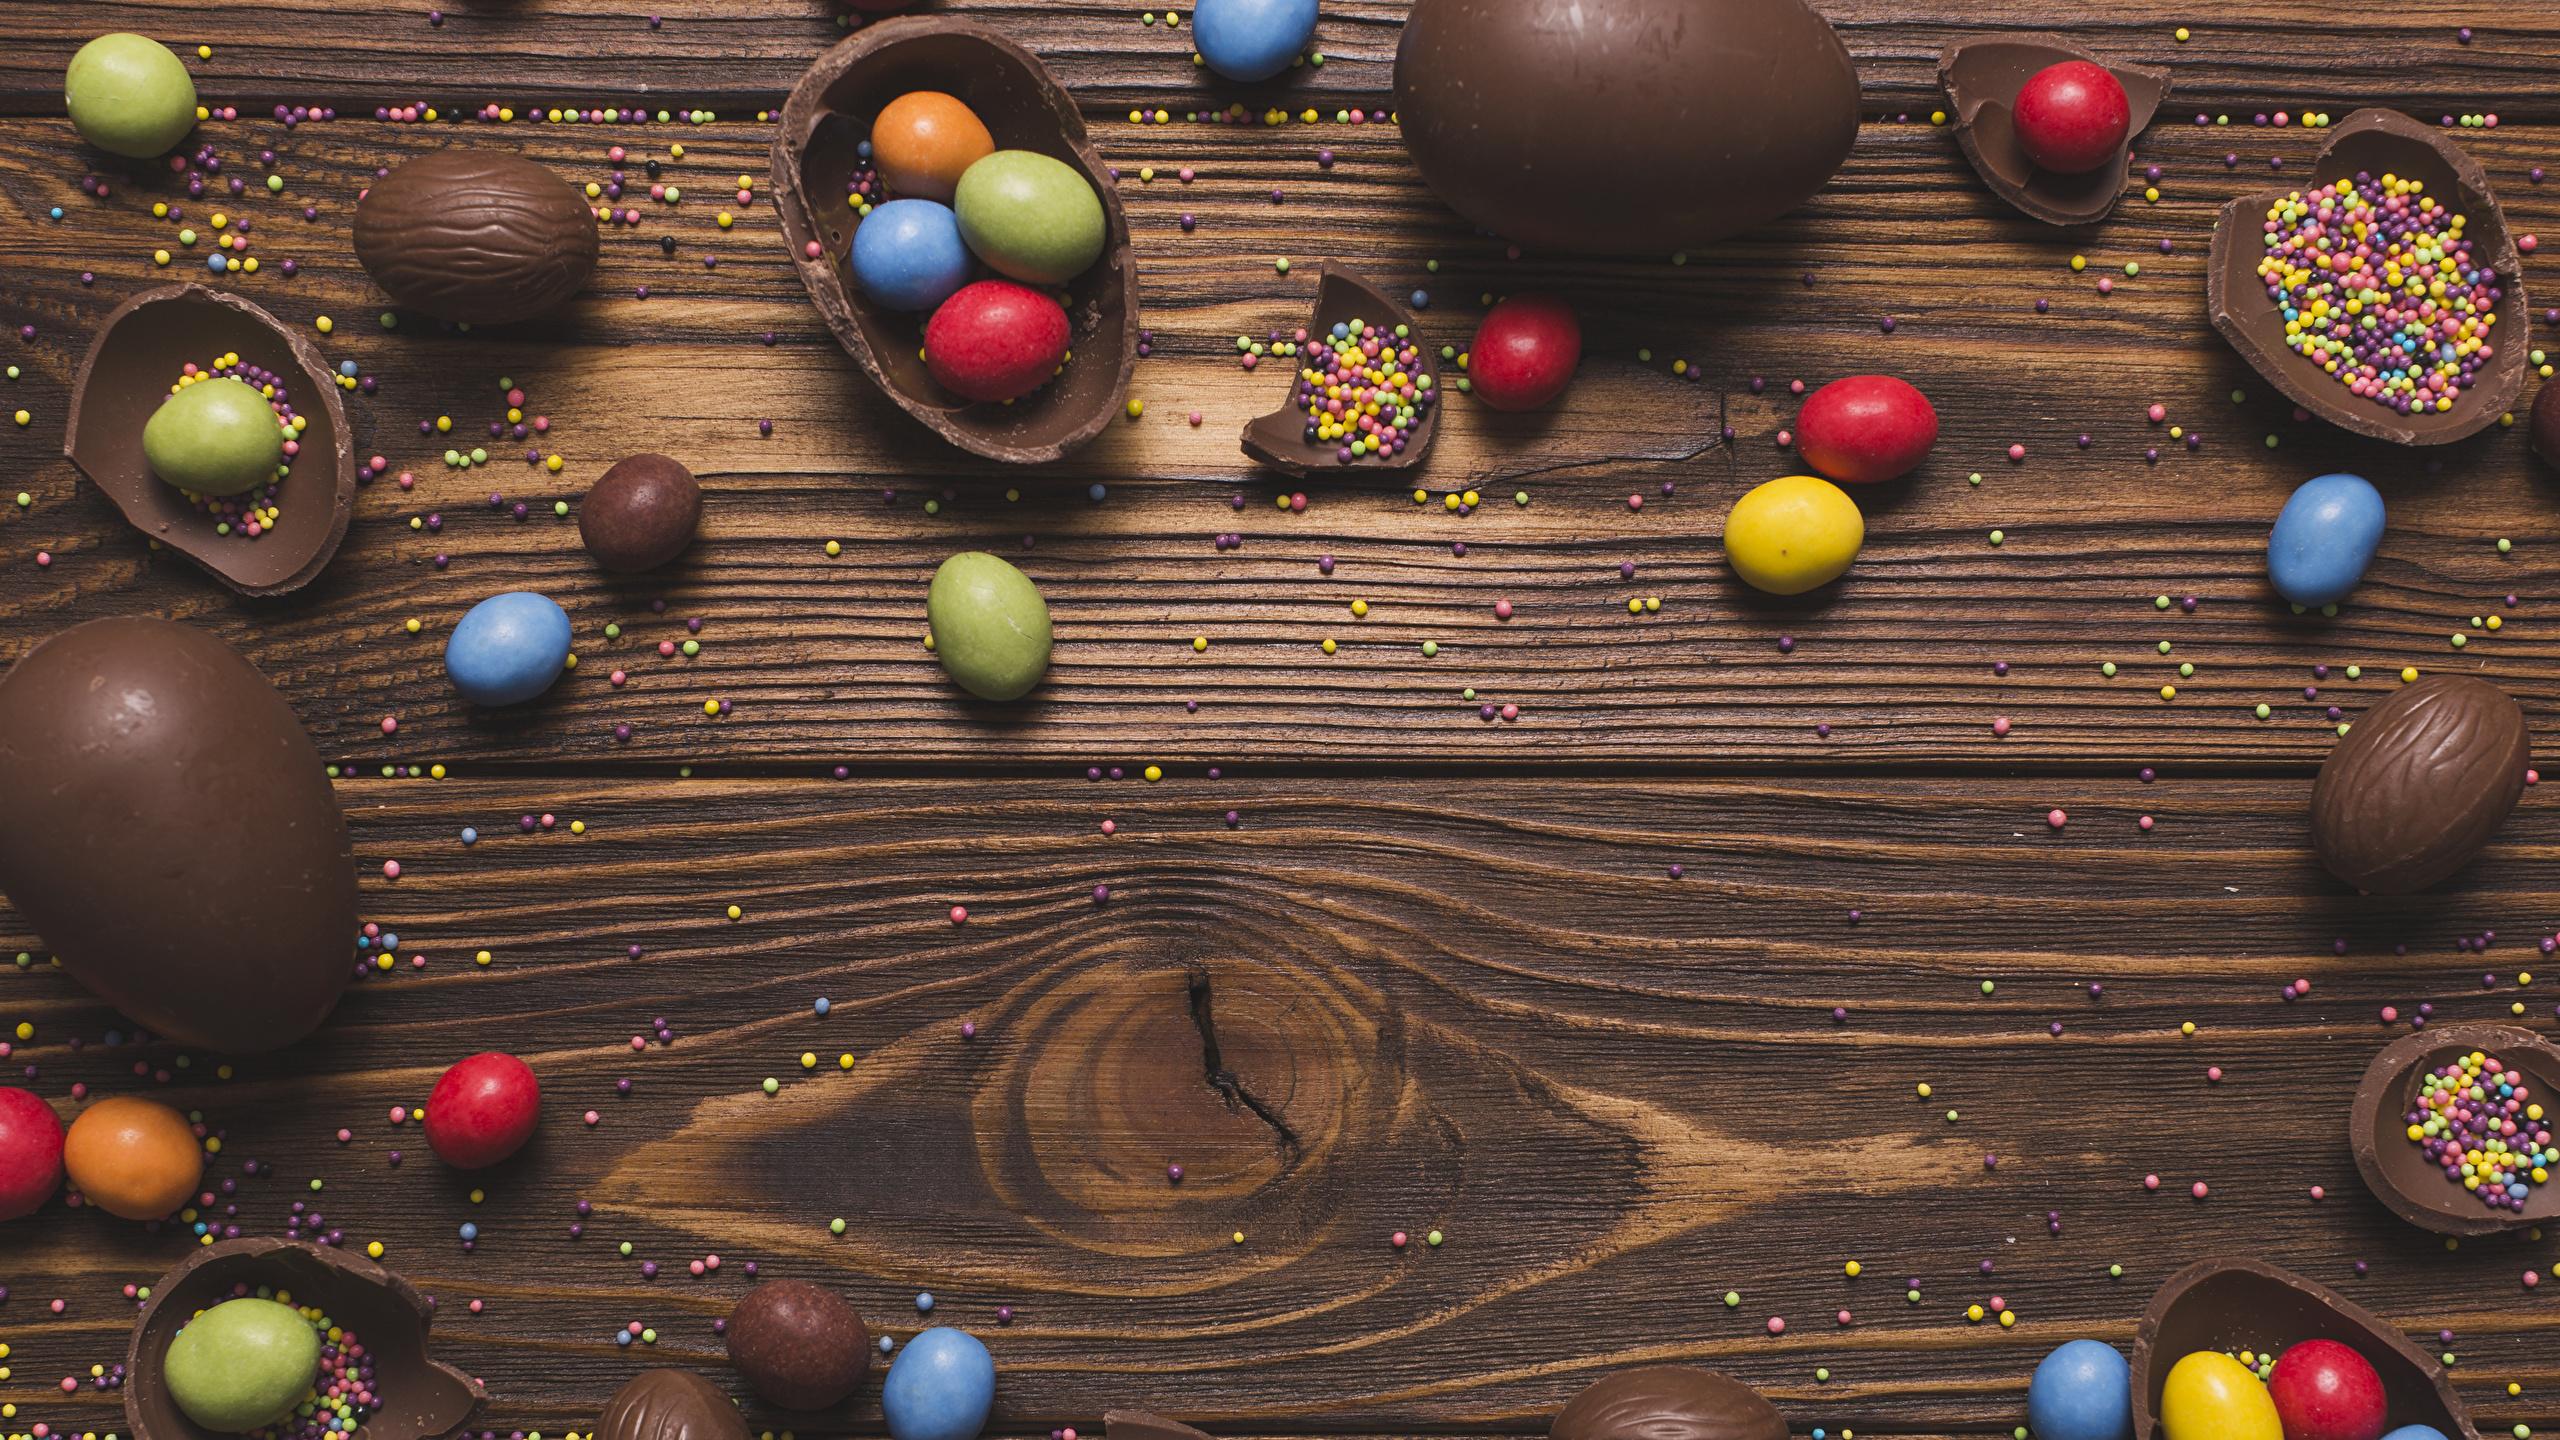 Фотографии Пасха Яйца Шоколад Конфеты Еда Сладости Доски 2560x1440 яиц яйцо яйцами Пища Продукты питания сладкая еда